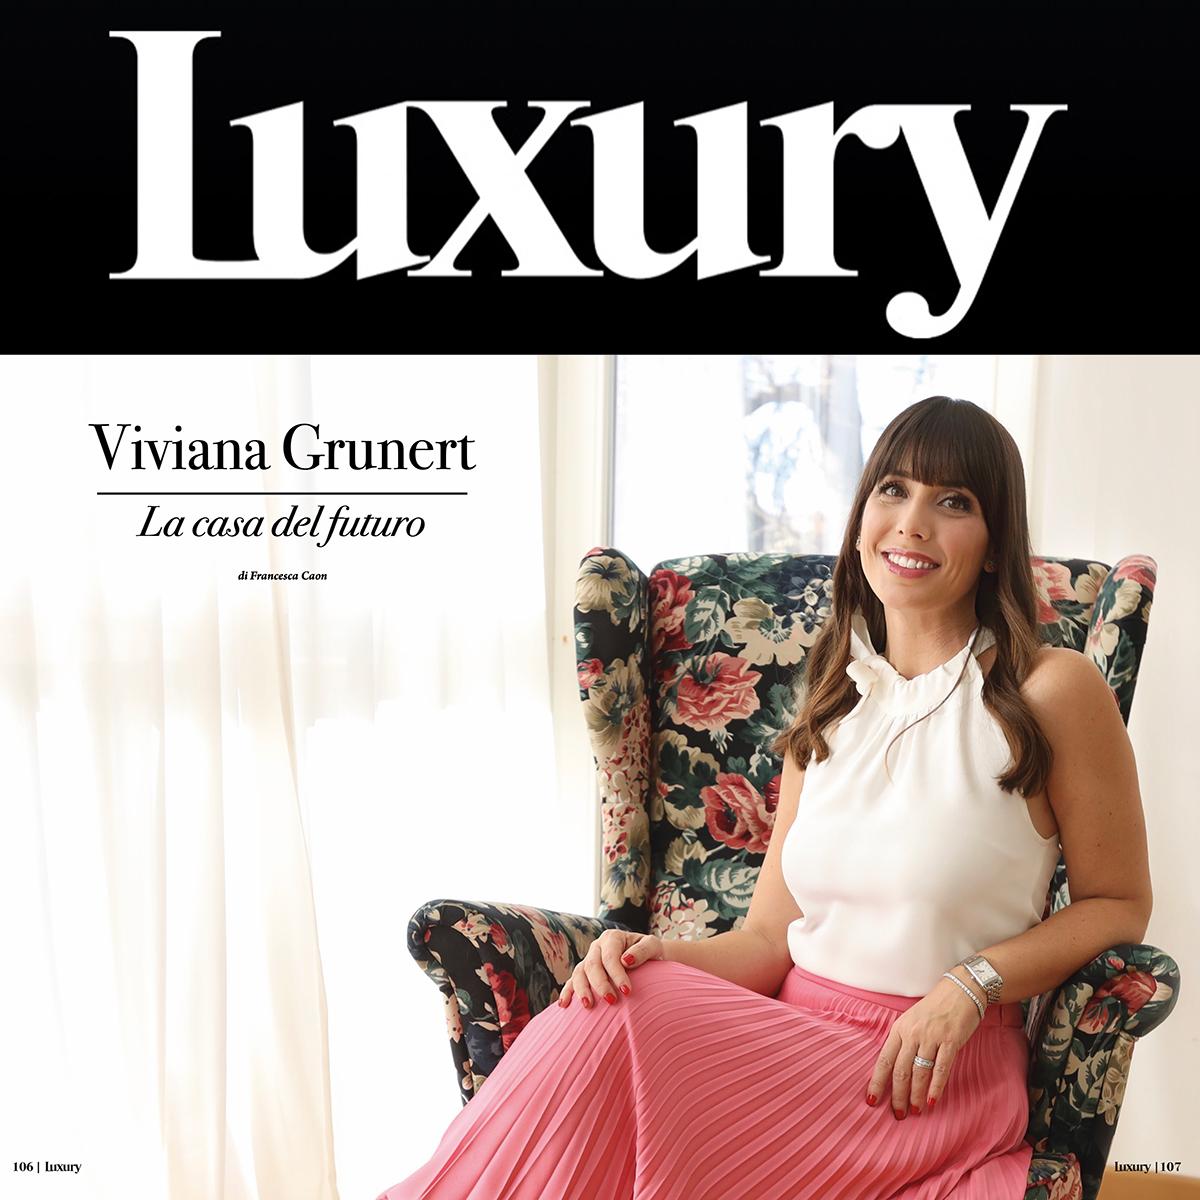 Viviana Grunert su LUXURY-15.05.2021